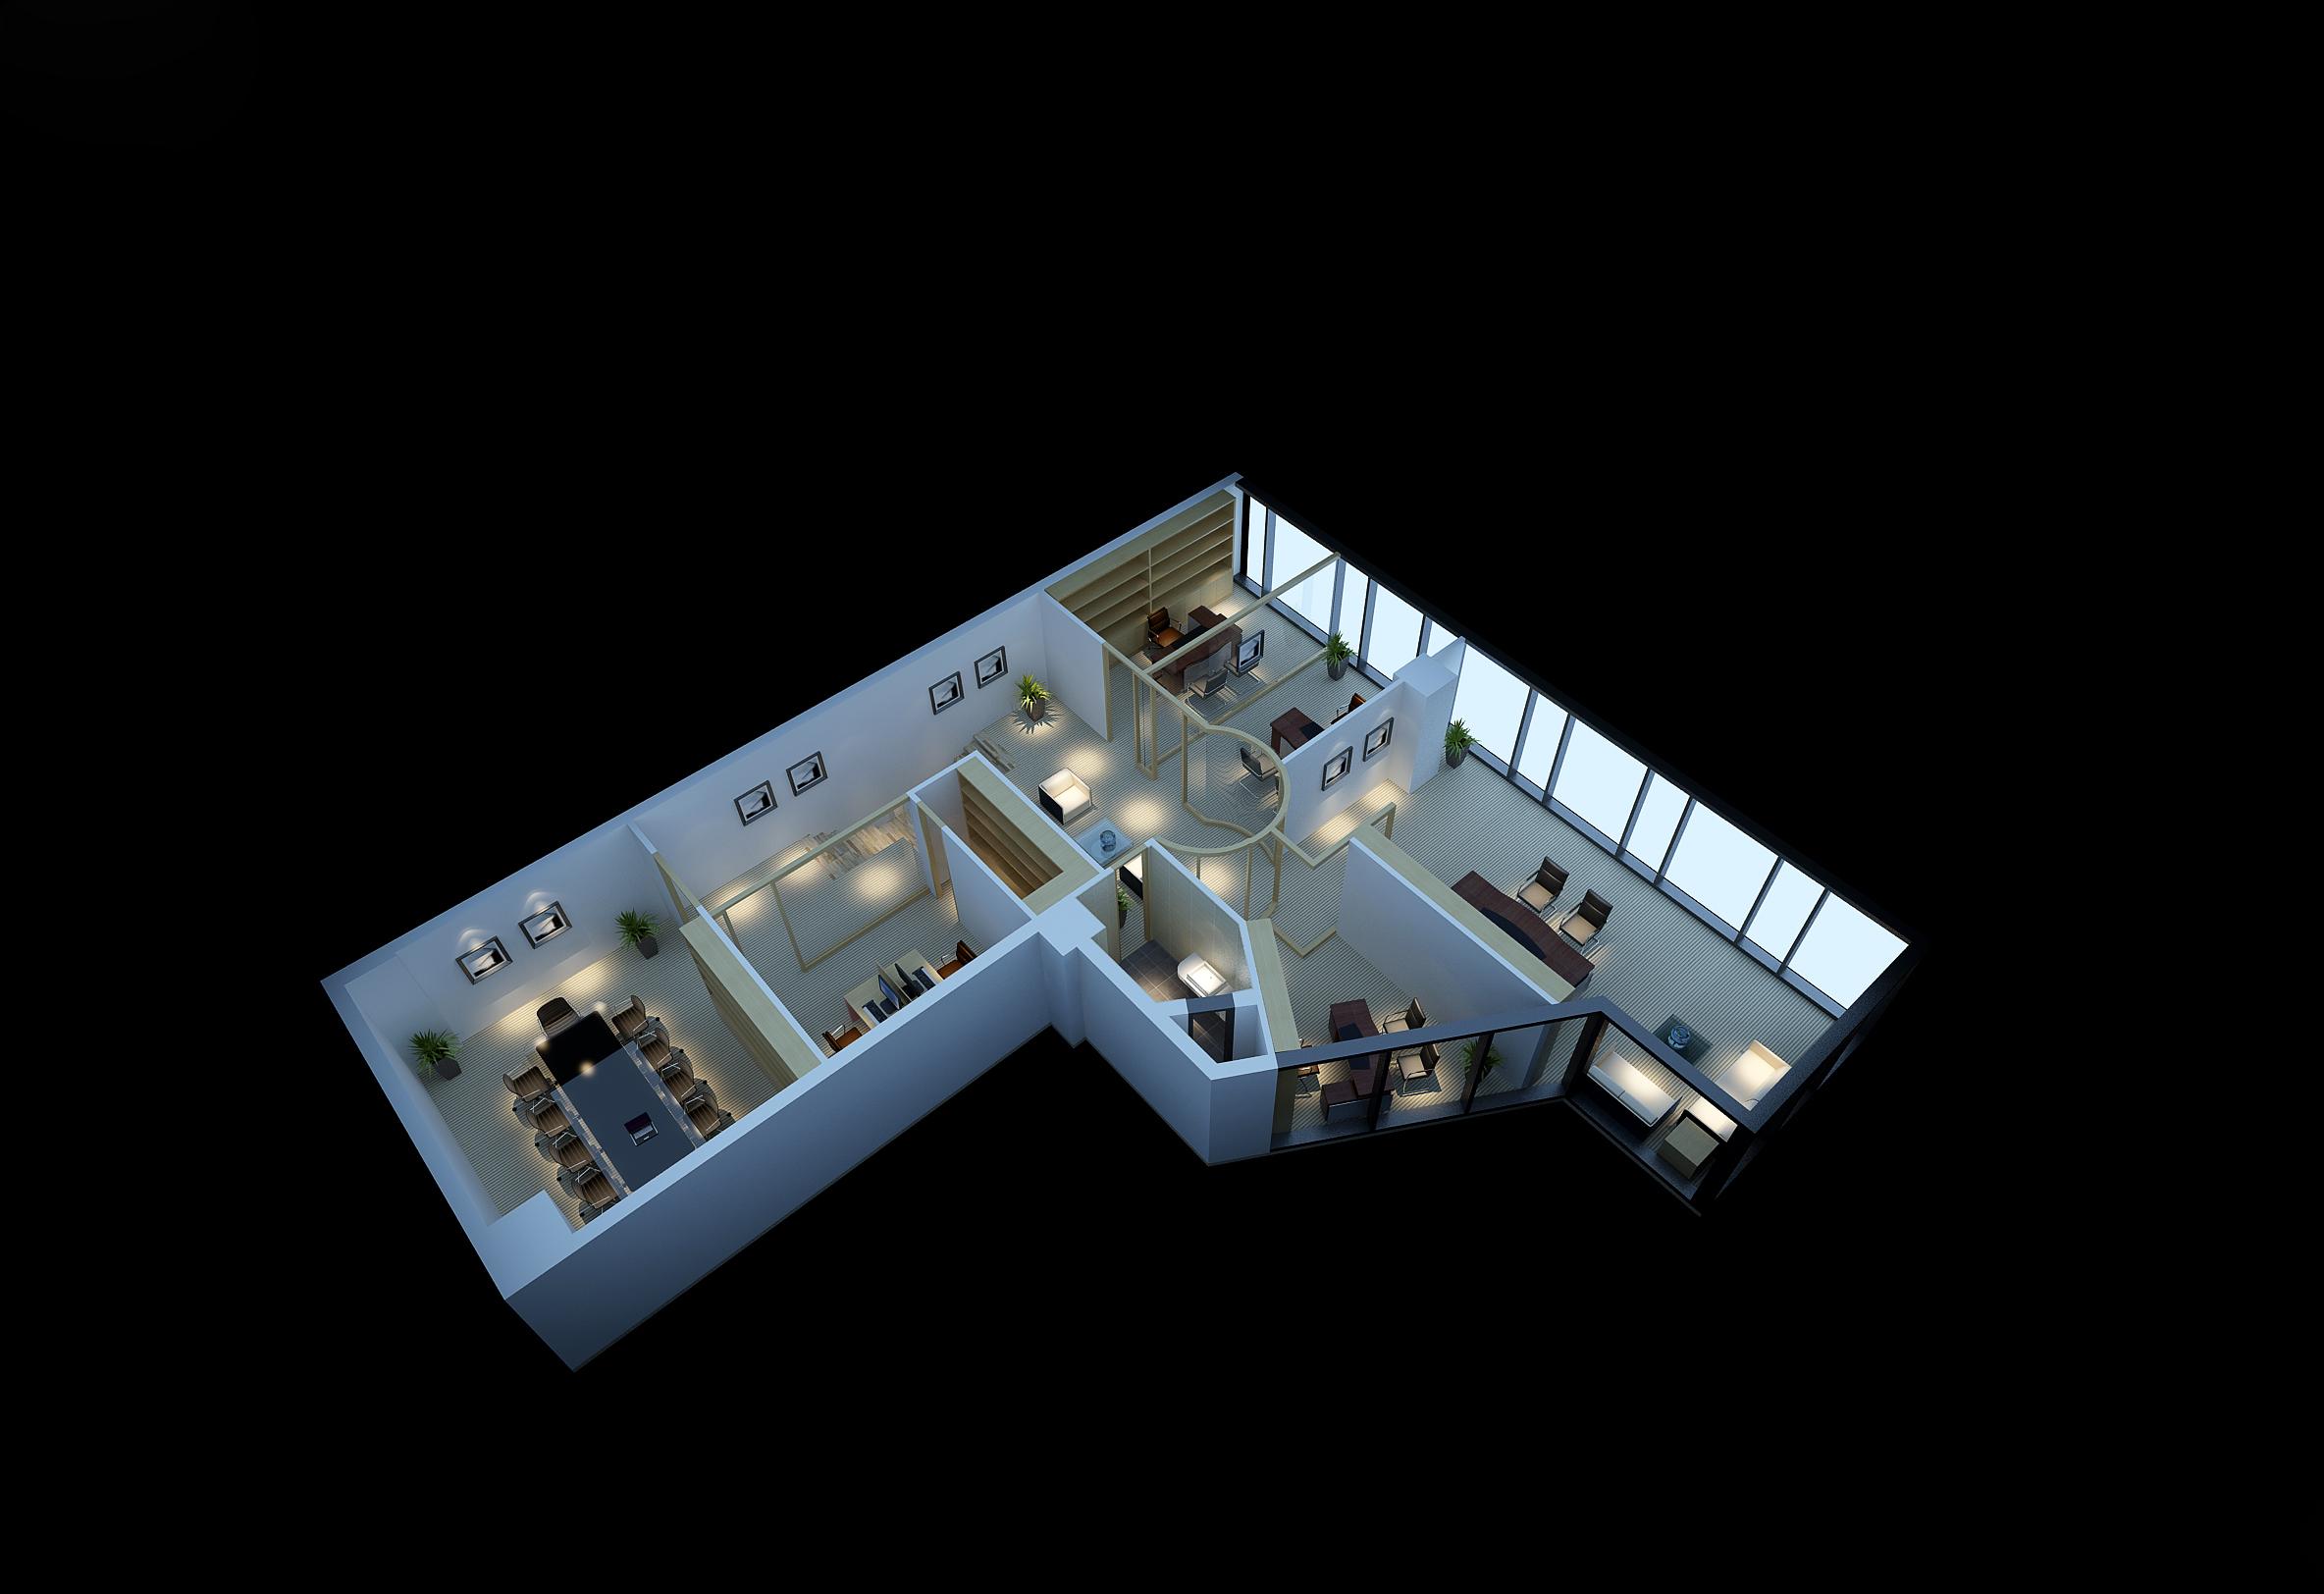 SU3D家具产品建筑室内景观道具摆场舞台戏台结构造型模型建模